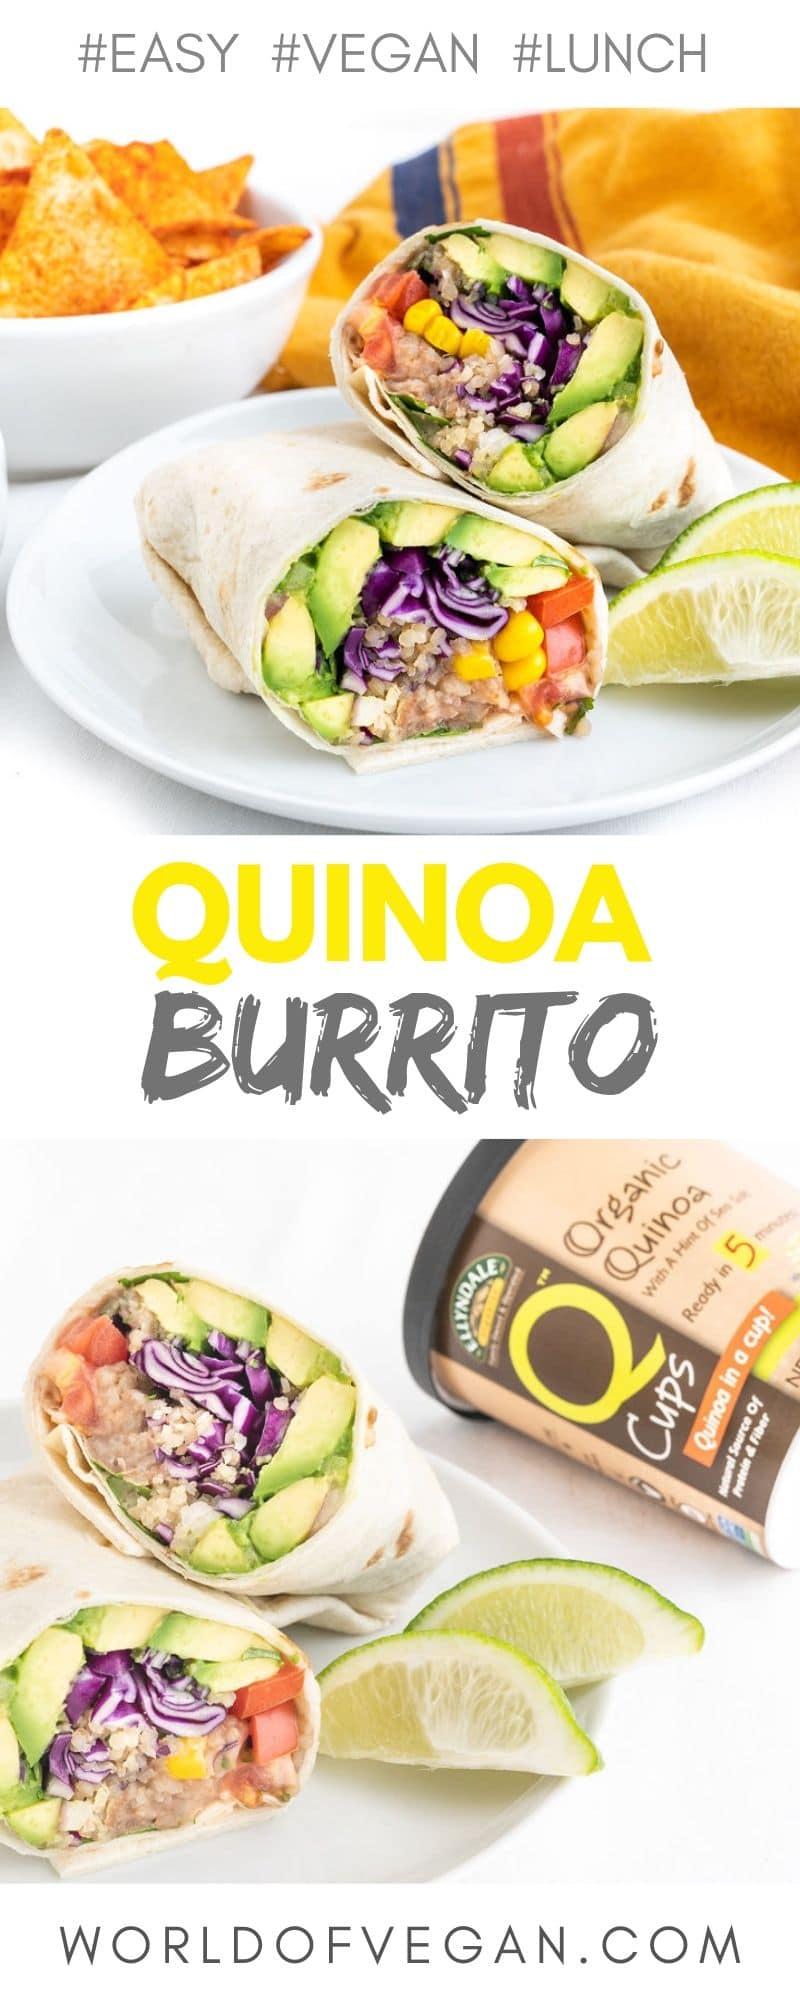 Easy Vegan Burrito   WorldofVegan.com #vegan #vegetarian #healthy #lunch #burrito #mexican